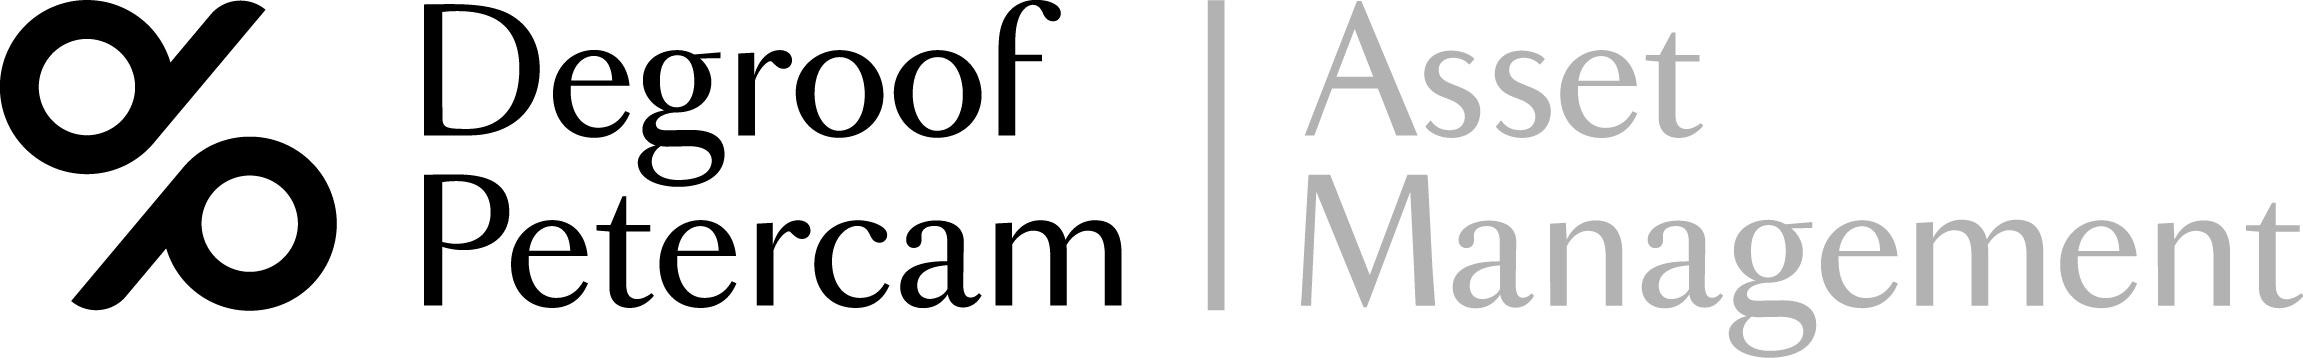 Logo Degroof Petercam